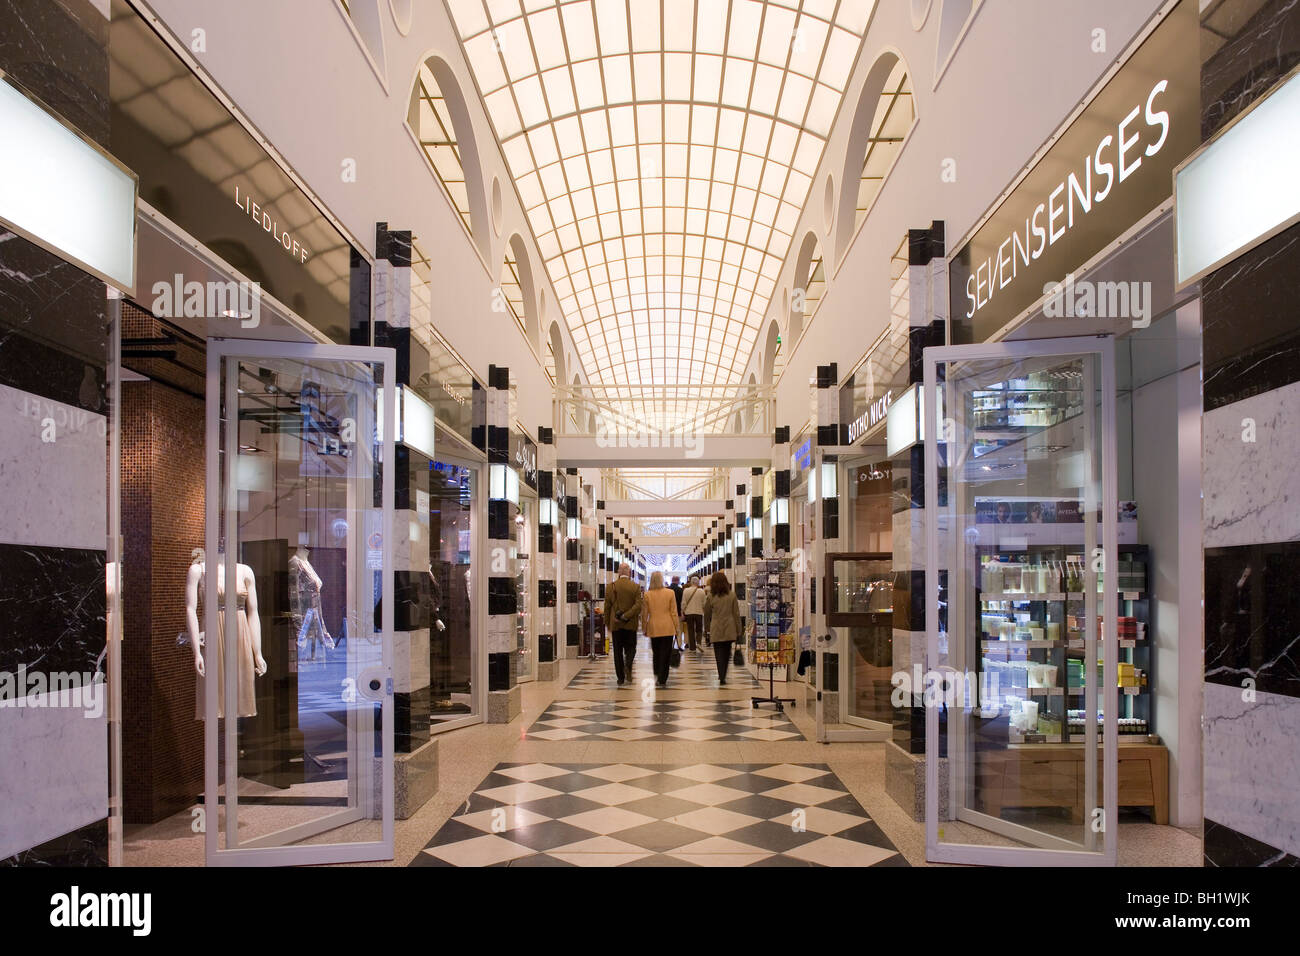 einkaufszentrum galleria grosse bleichen hansestadt hamburg deutschland europa stockfoto. Black Bedroom Furniture Sets. Home Design Ideas